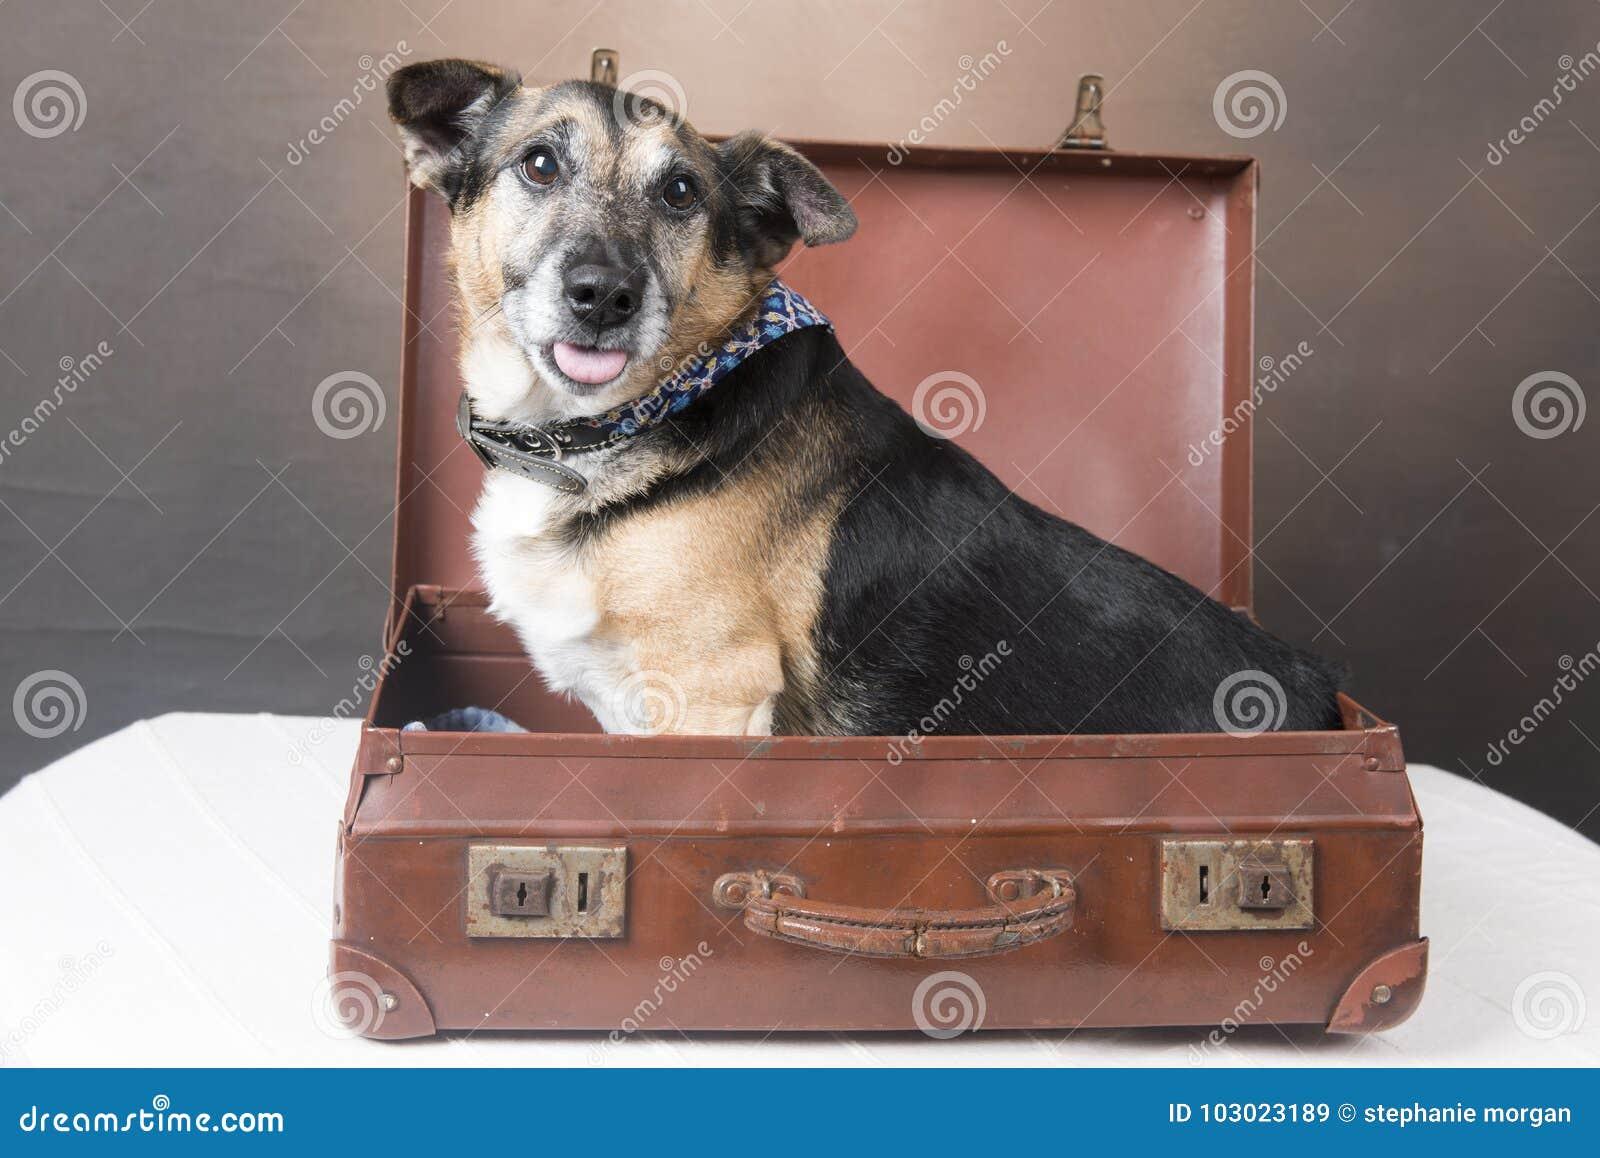 坐在有他的舌头的一个手提箱里面的逗人喜爱的小狗狗